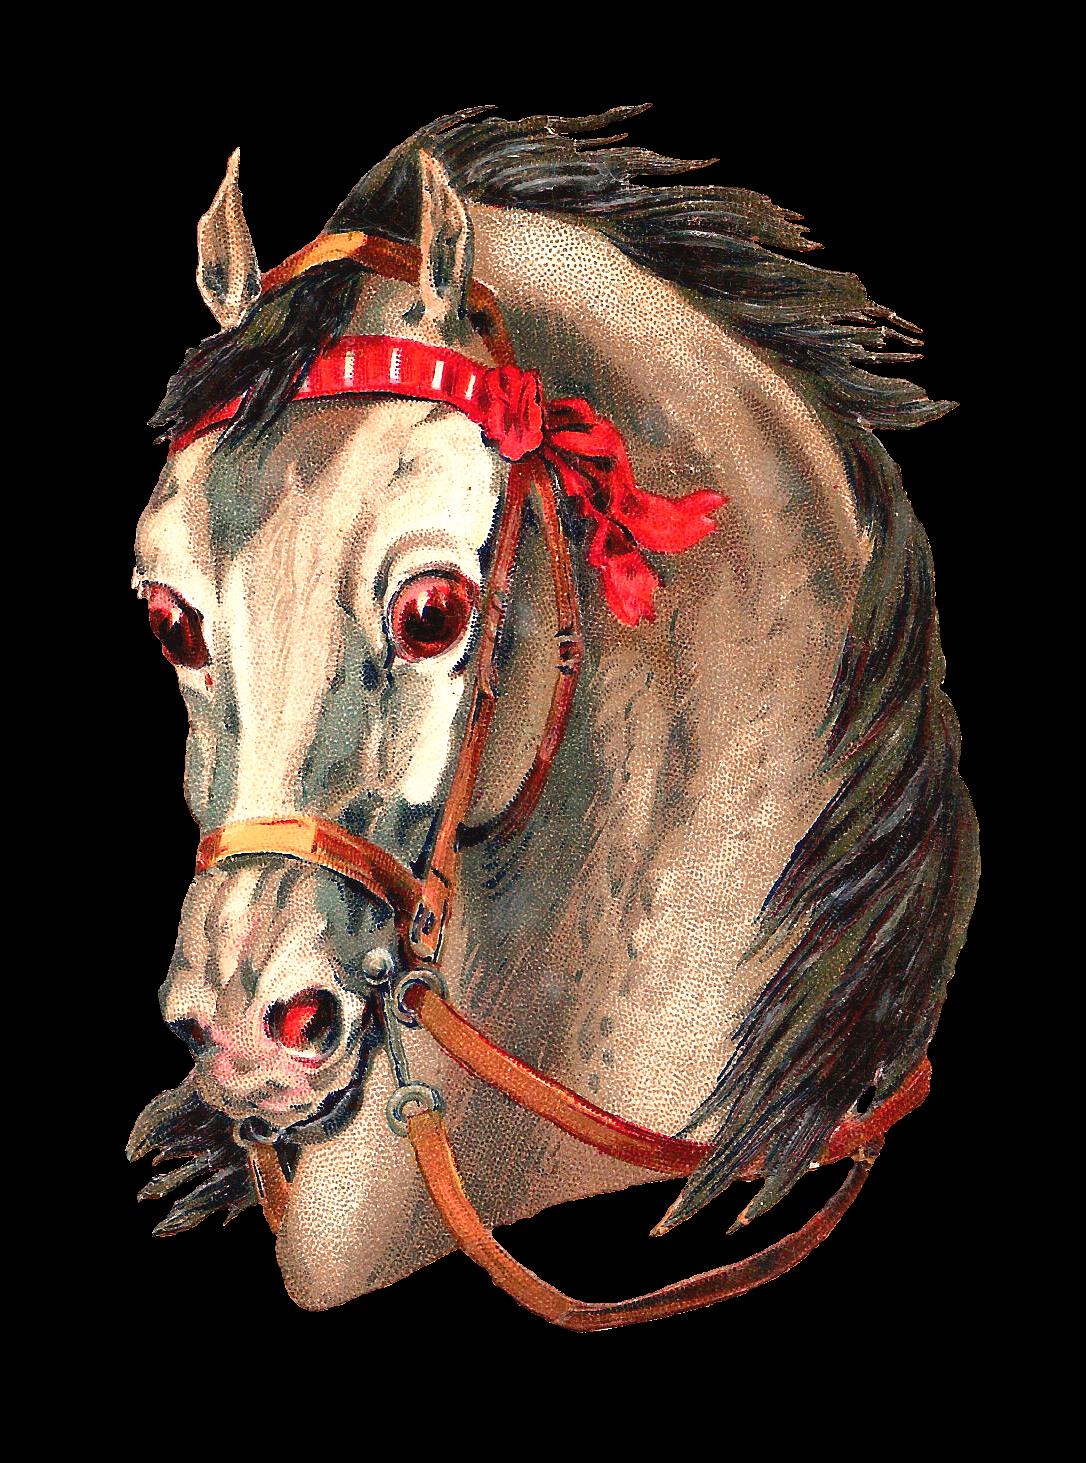 Antique Images: Free Horse Clip Art: 2 Horse Portraits ...